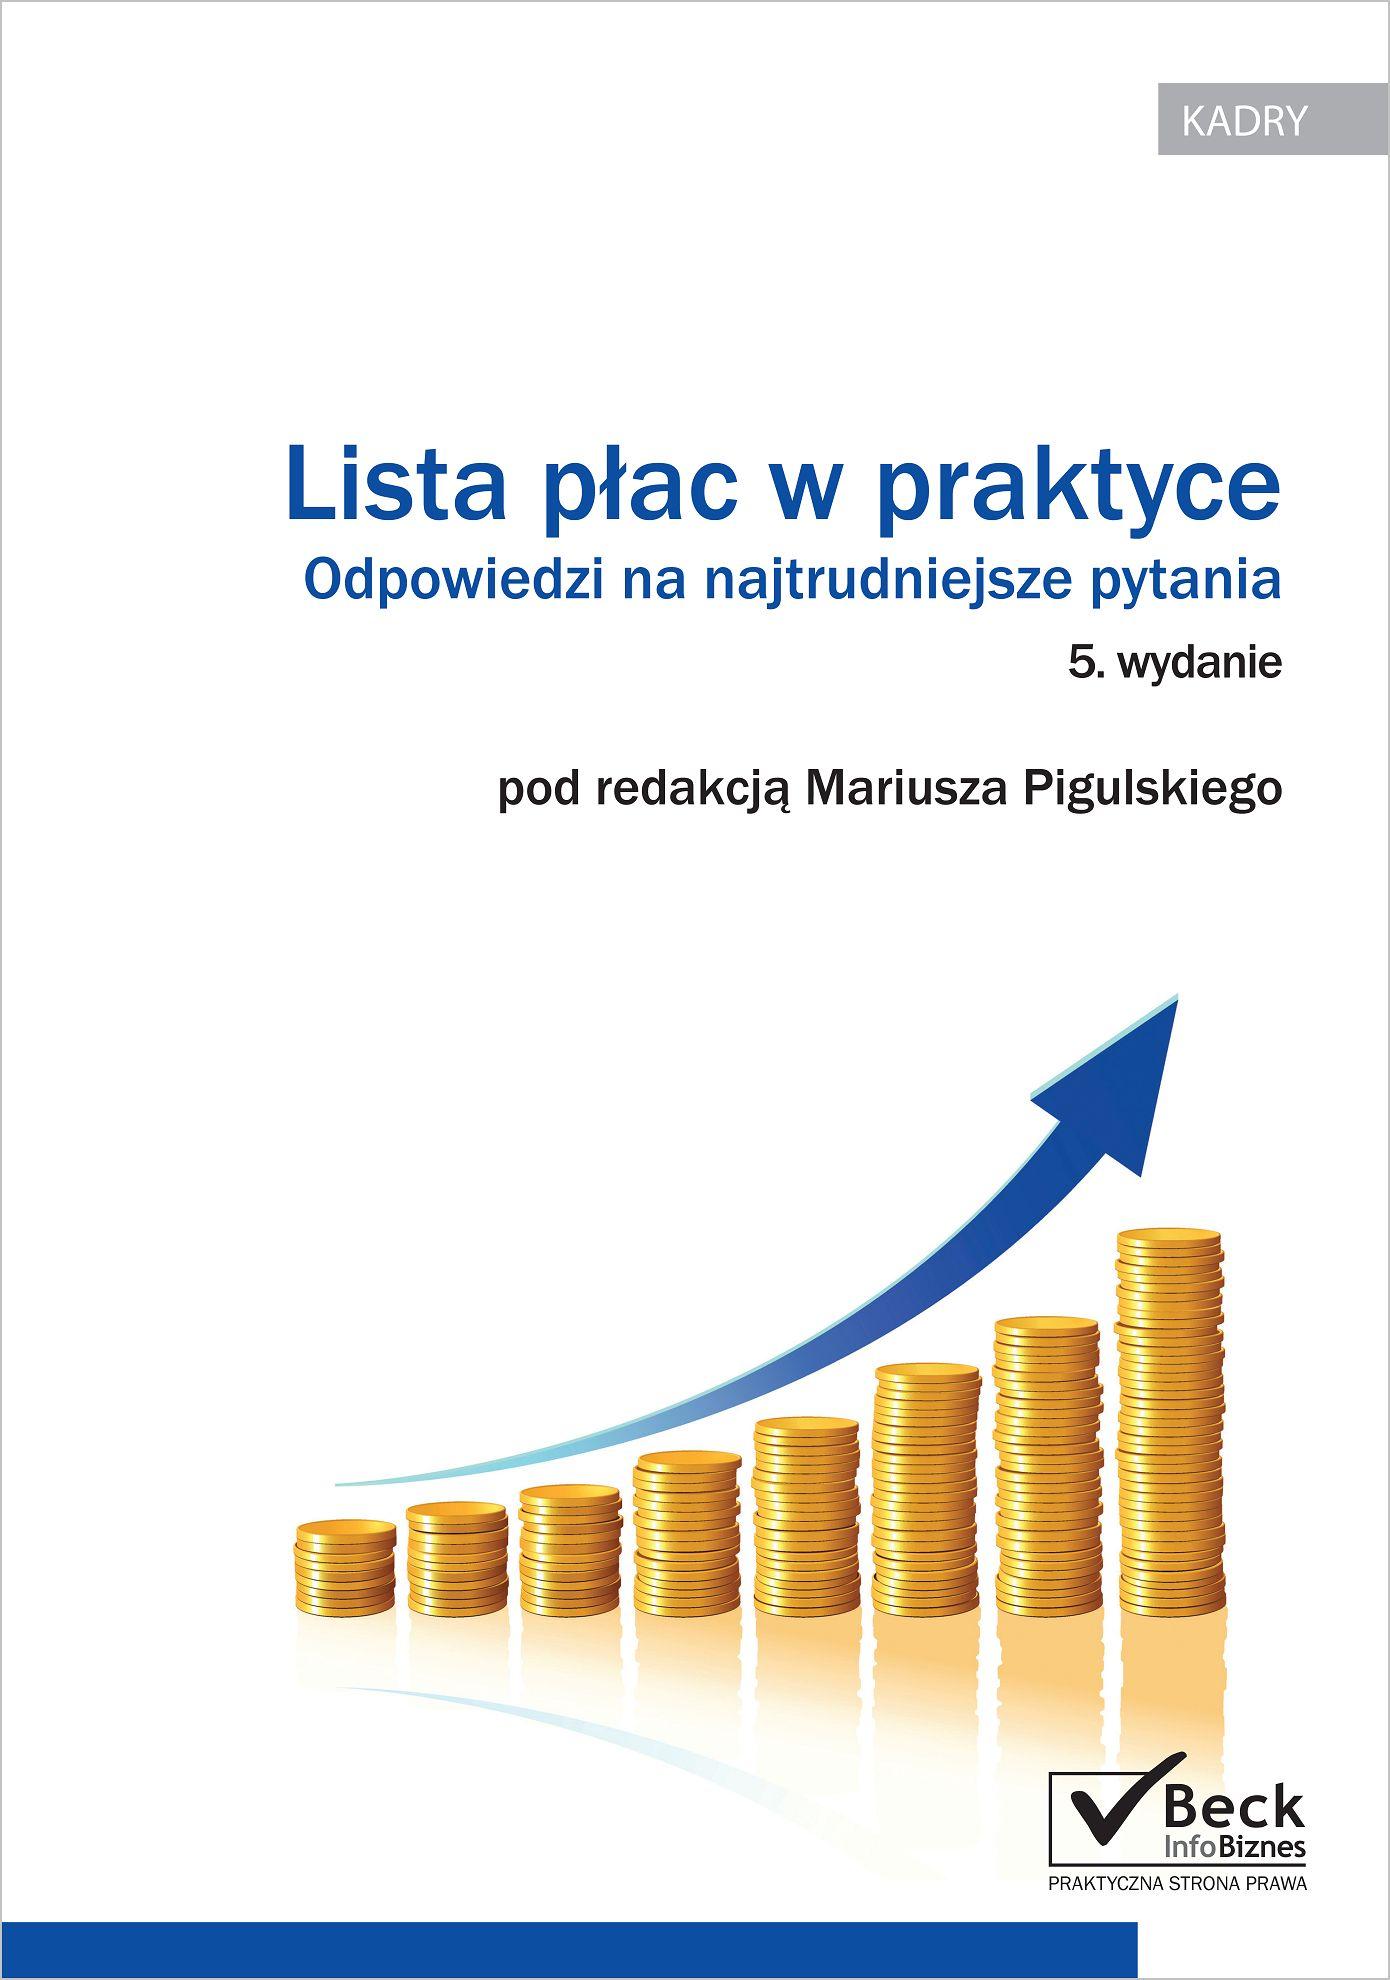 Lista płac w praktyce 2018